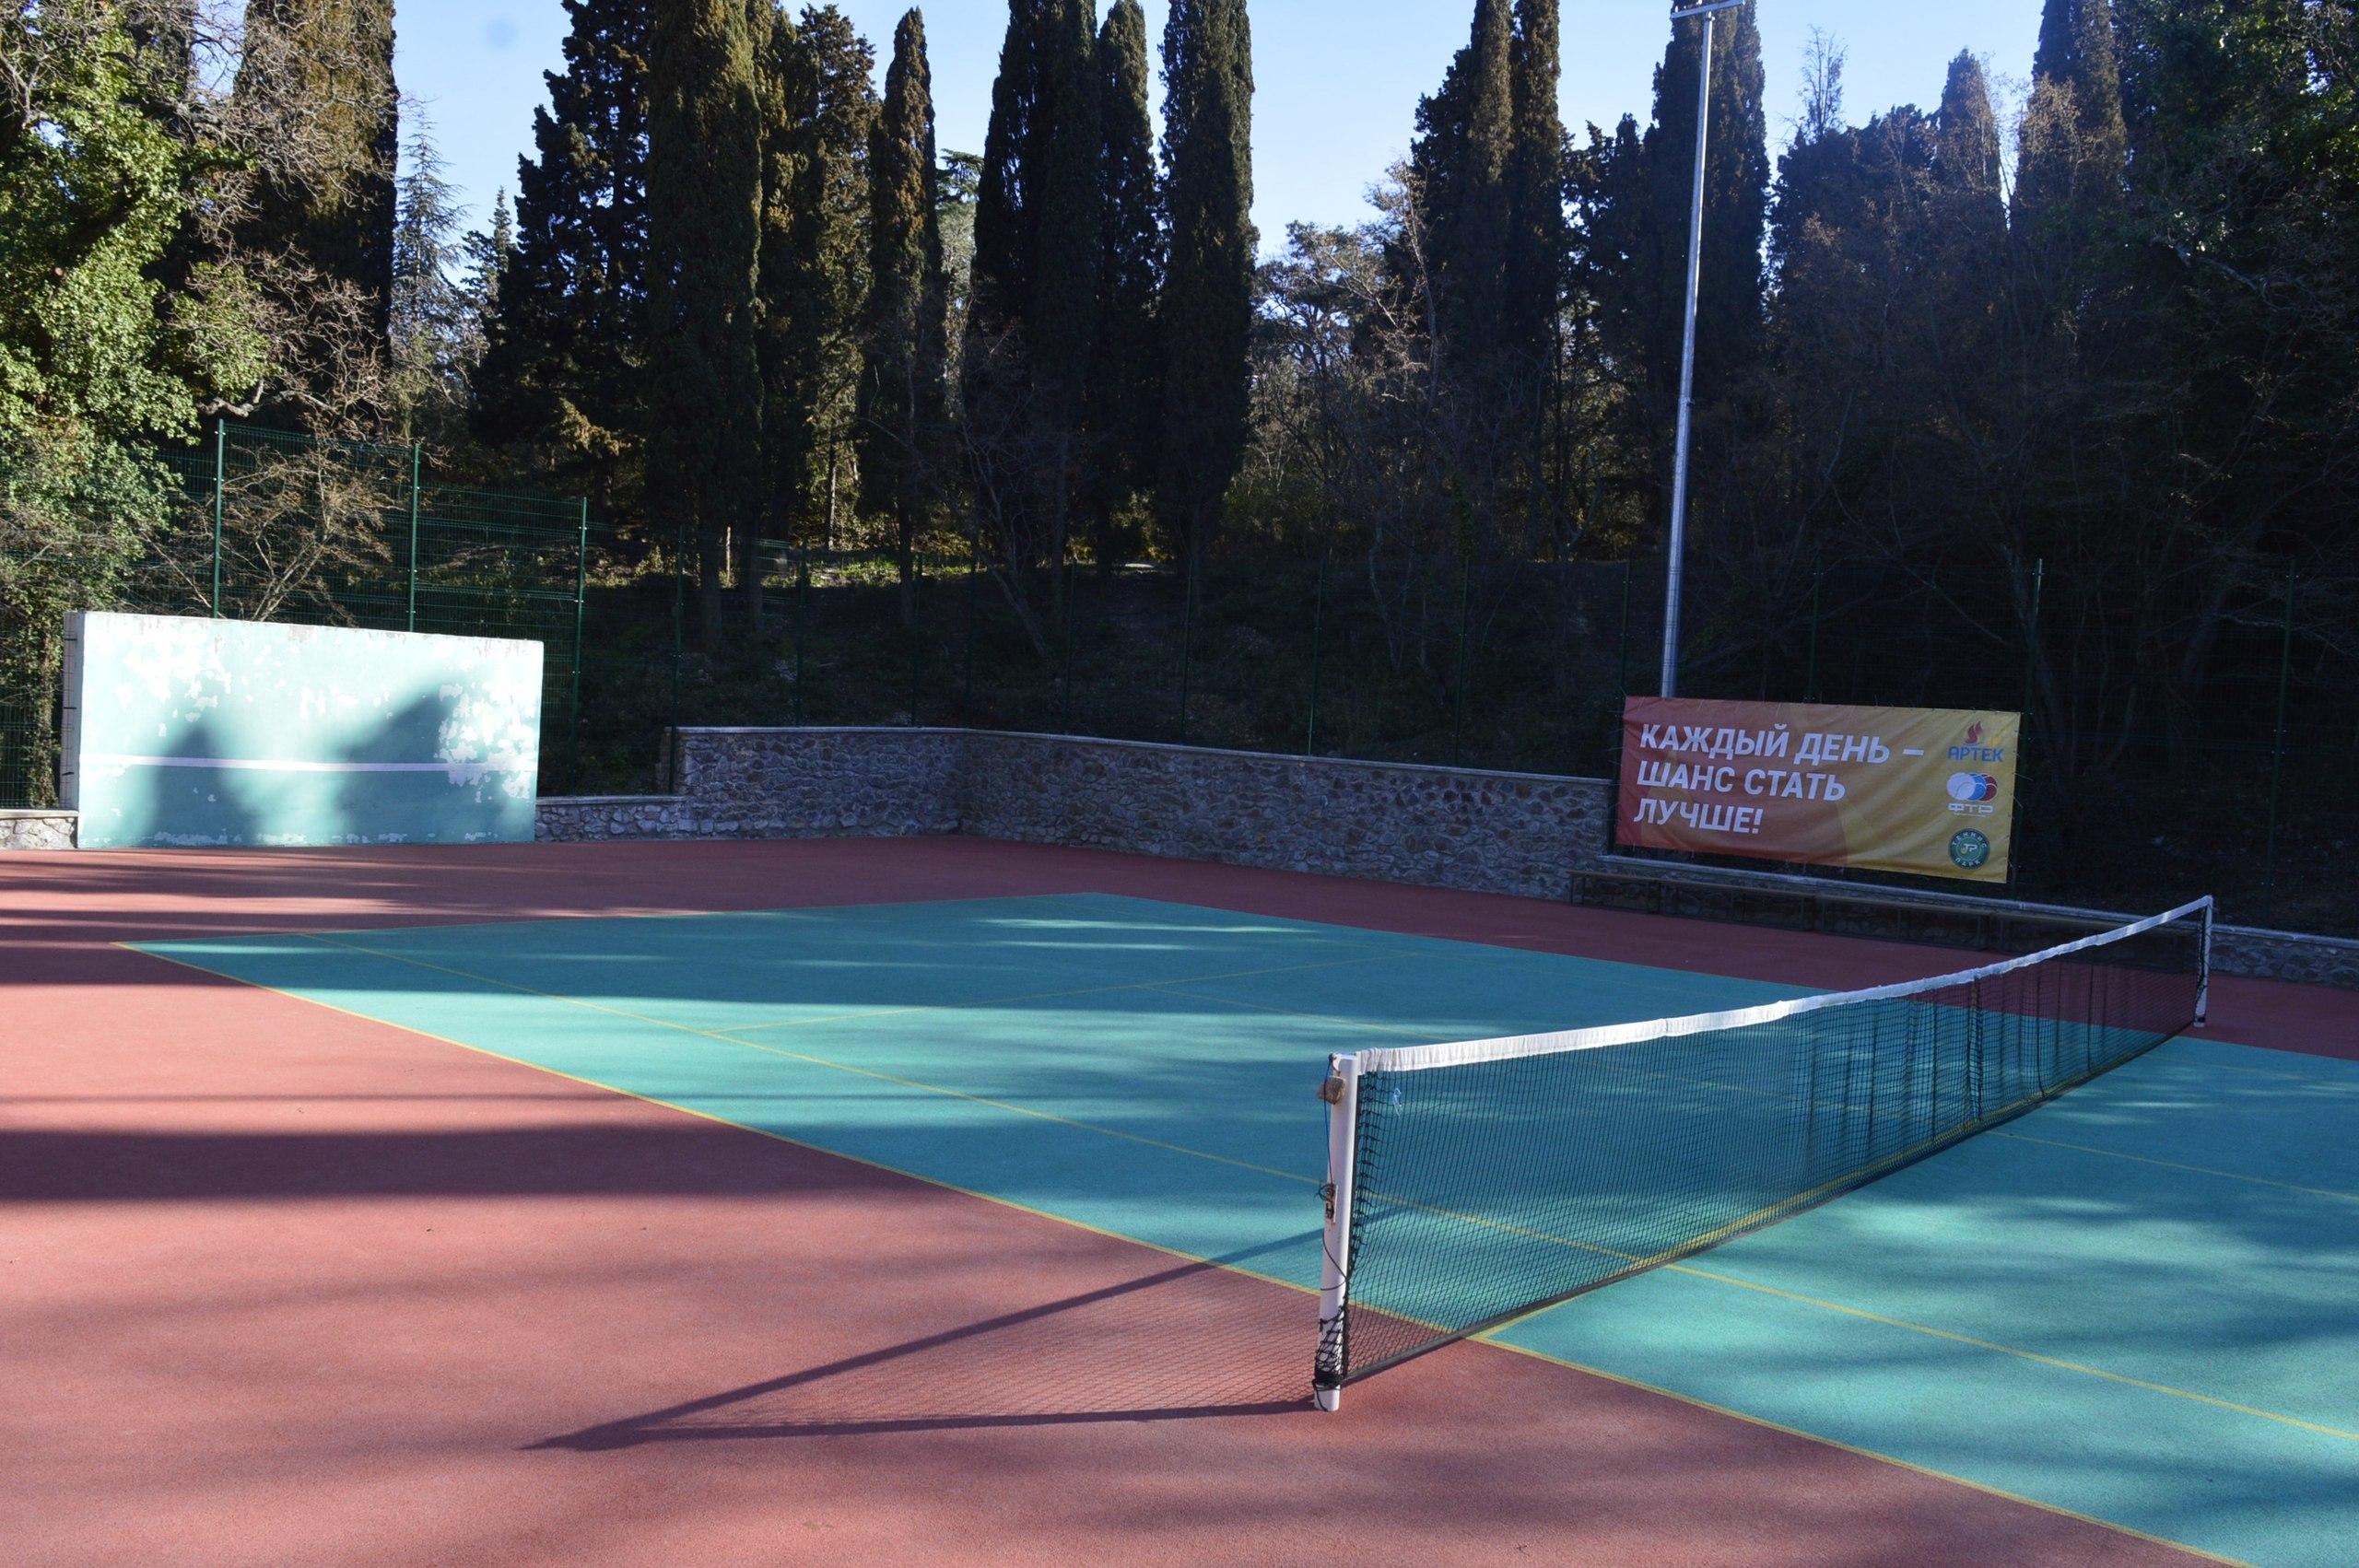 Артек, Спортплощадка, Теннисный корт